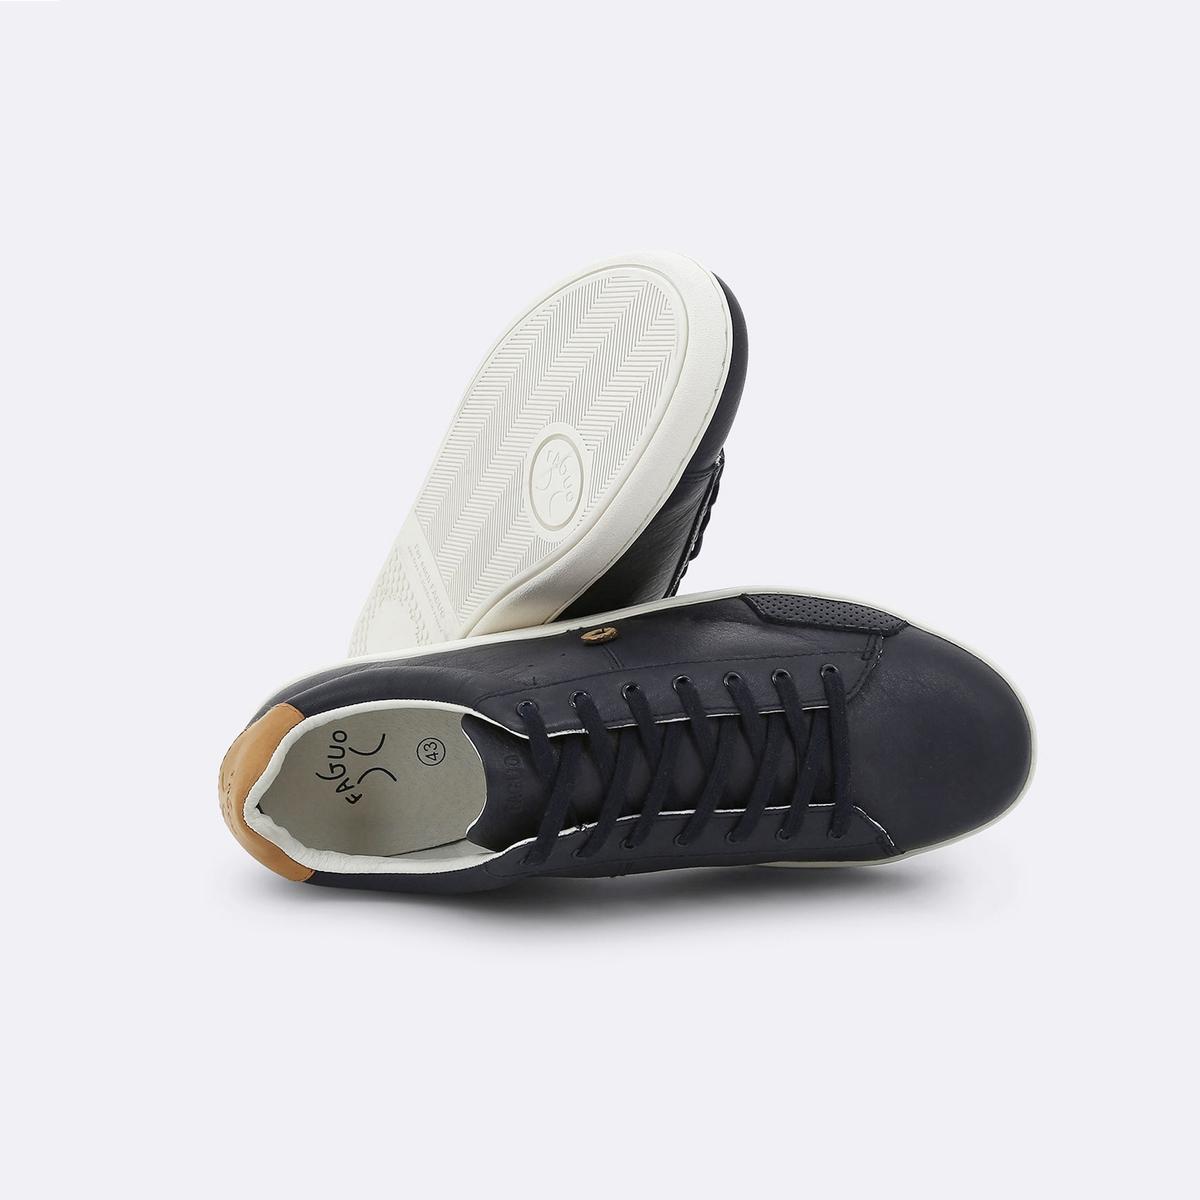 Кеды кожаные Hosta03Верх : кожа         Подкладка : кожа         Стелька : текстиль         Подошва : ЭВА         Высота каблука : 1 см         Застежка : шнуровка<br><br>Цвет: темно-синий